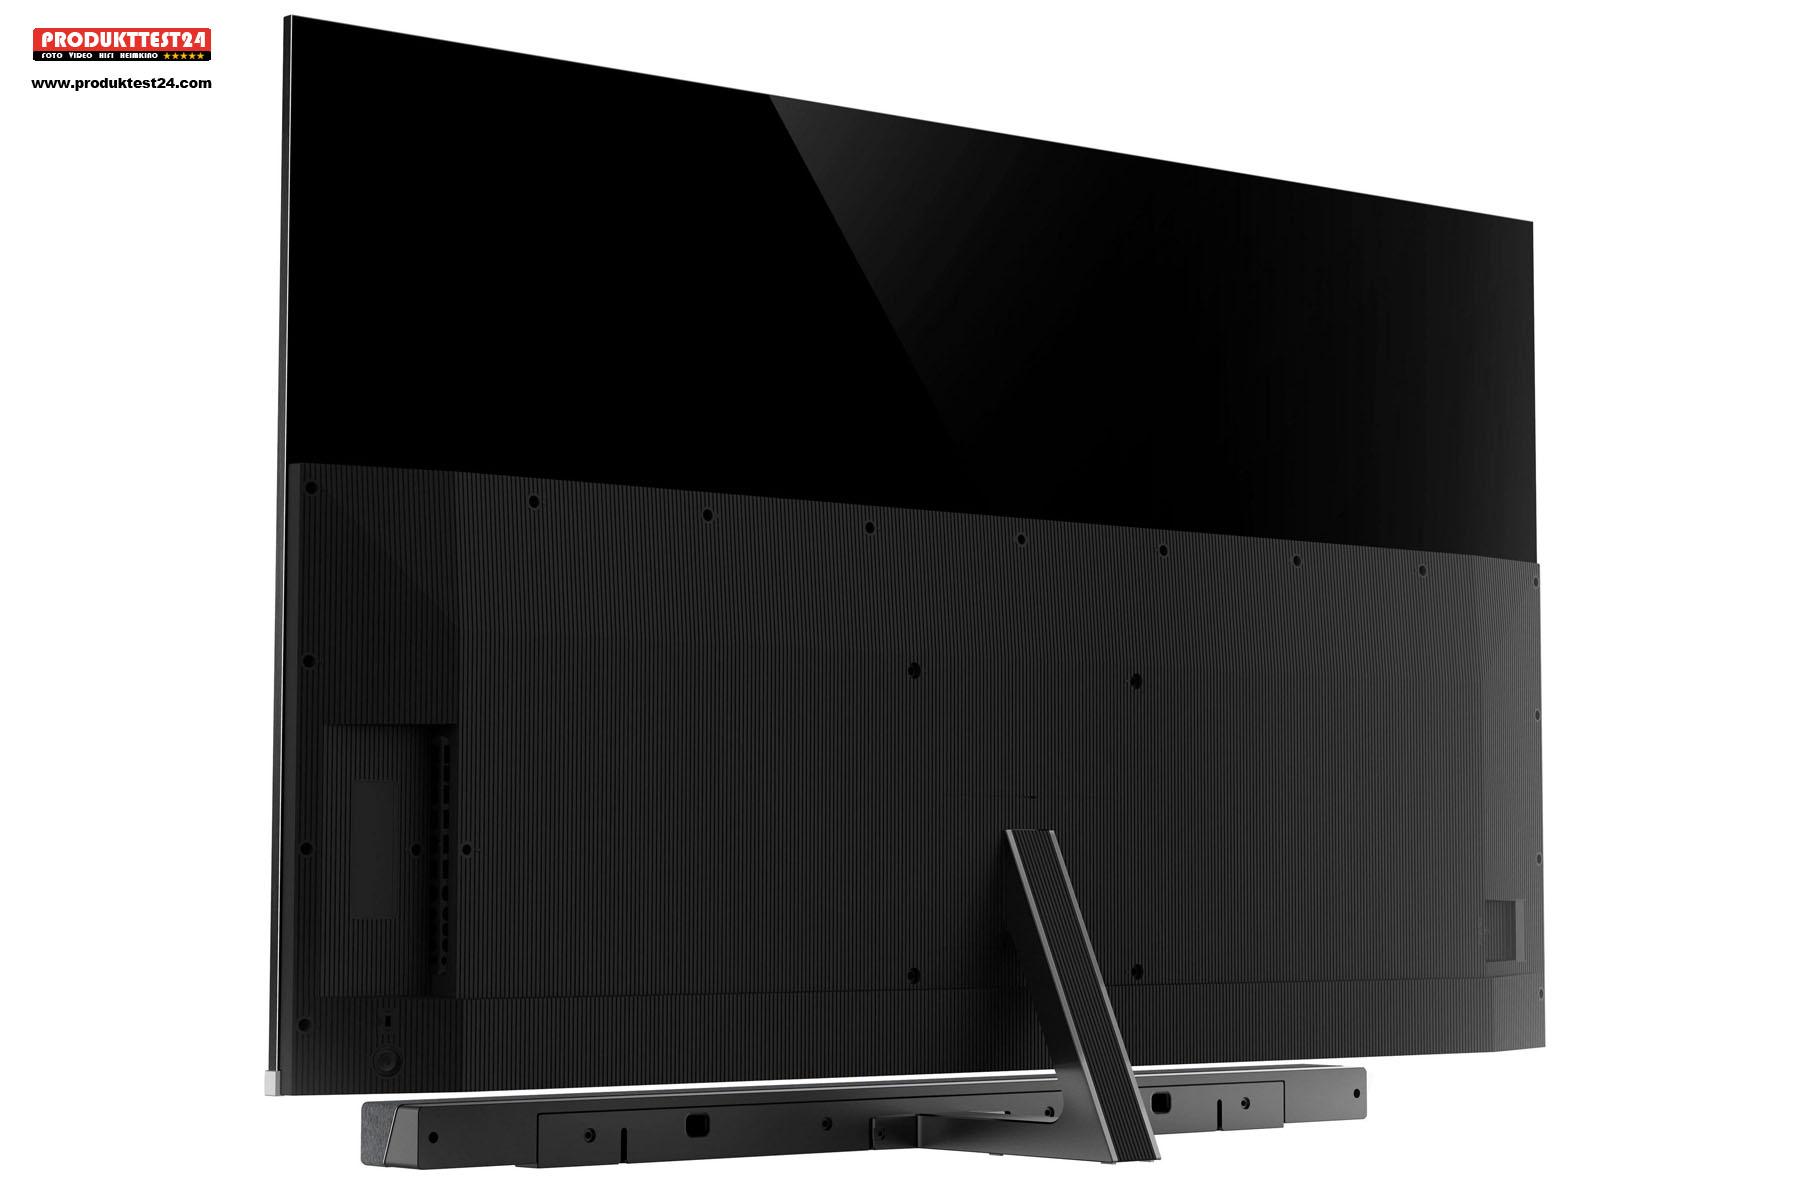 Die Rückseite des TCL 65X10